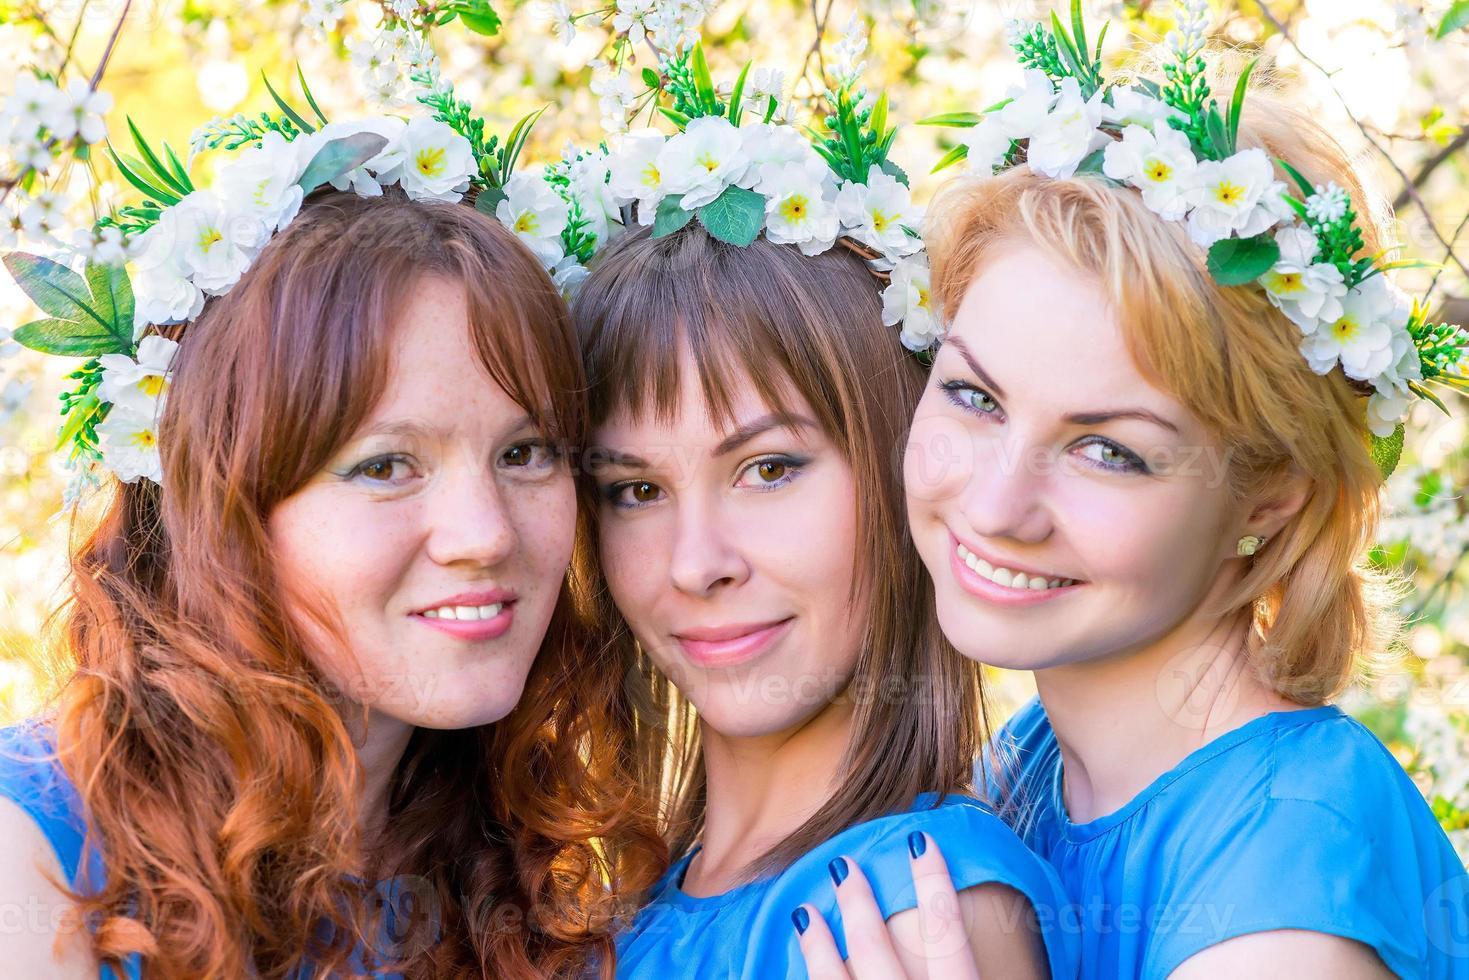 tre ragazze di 30 anni con ghirlande sulla testa foto